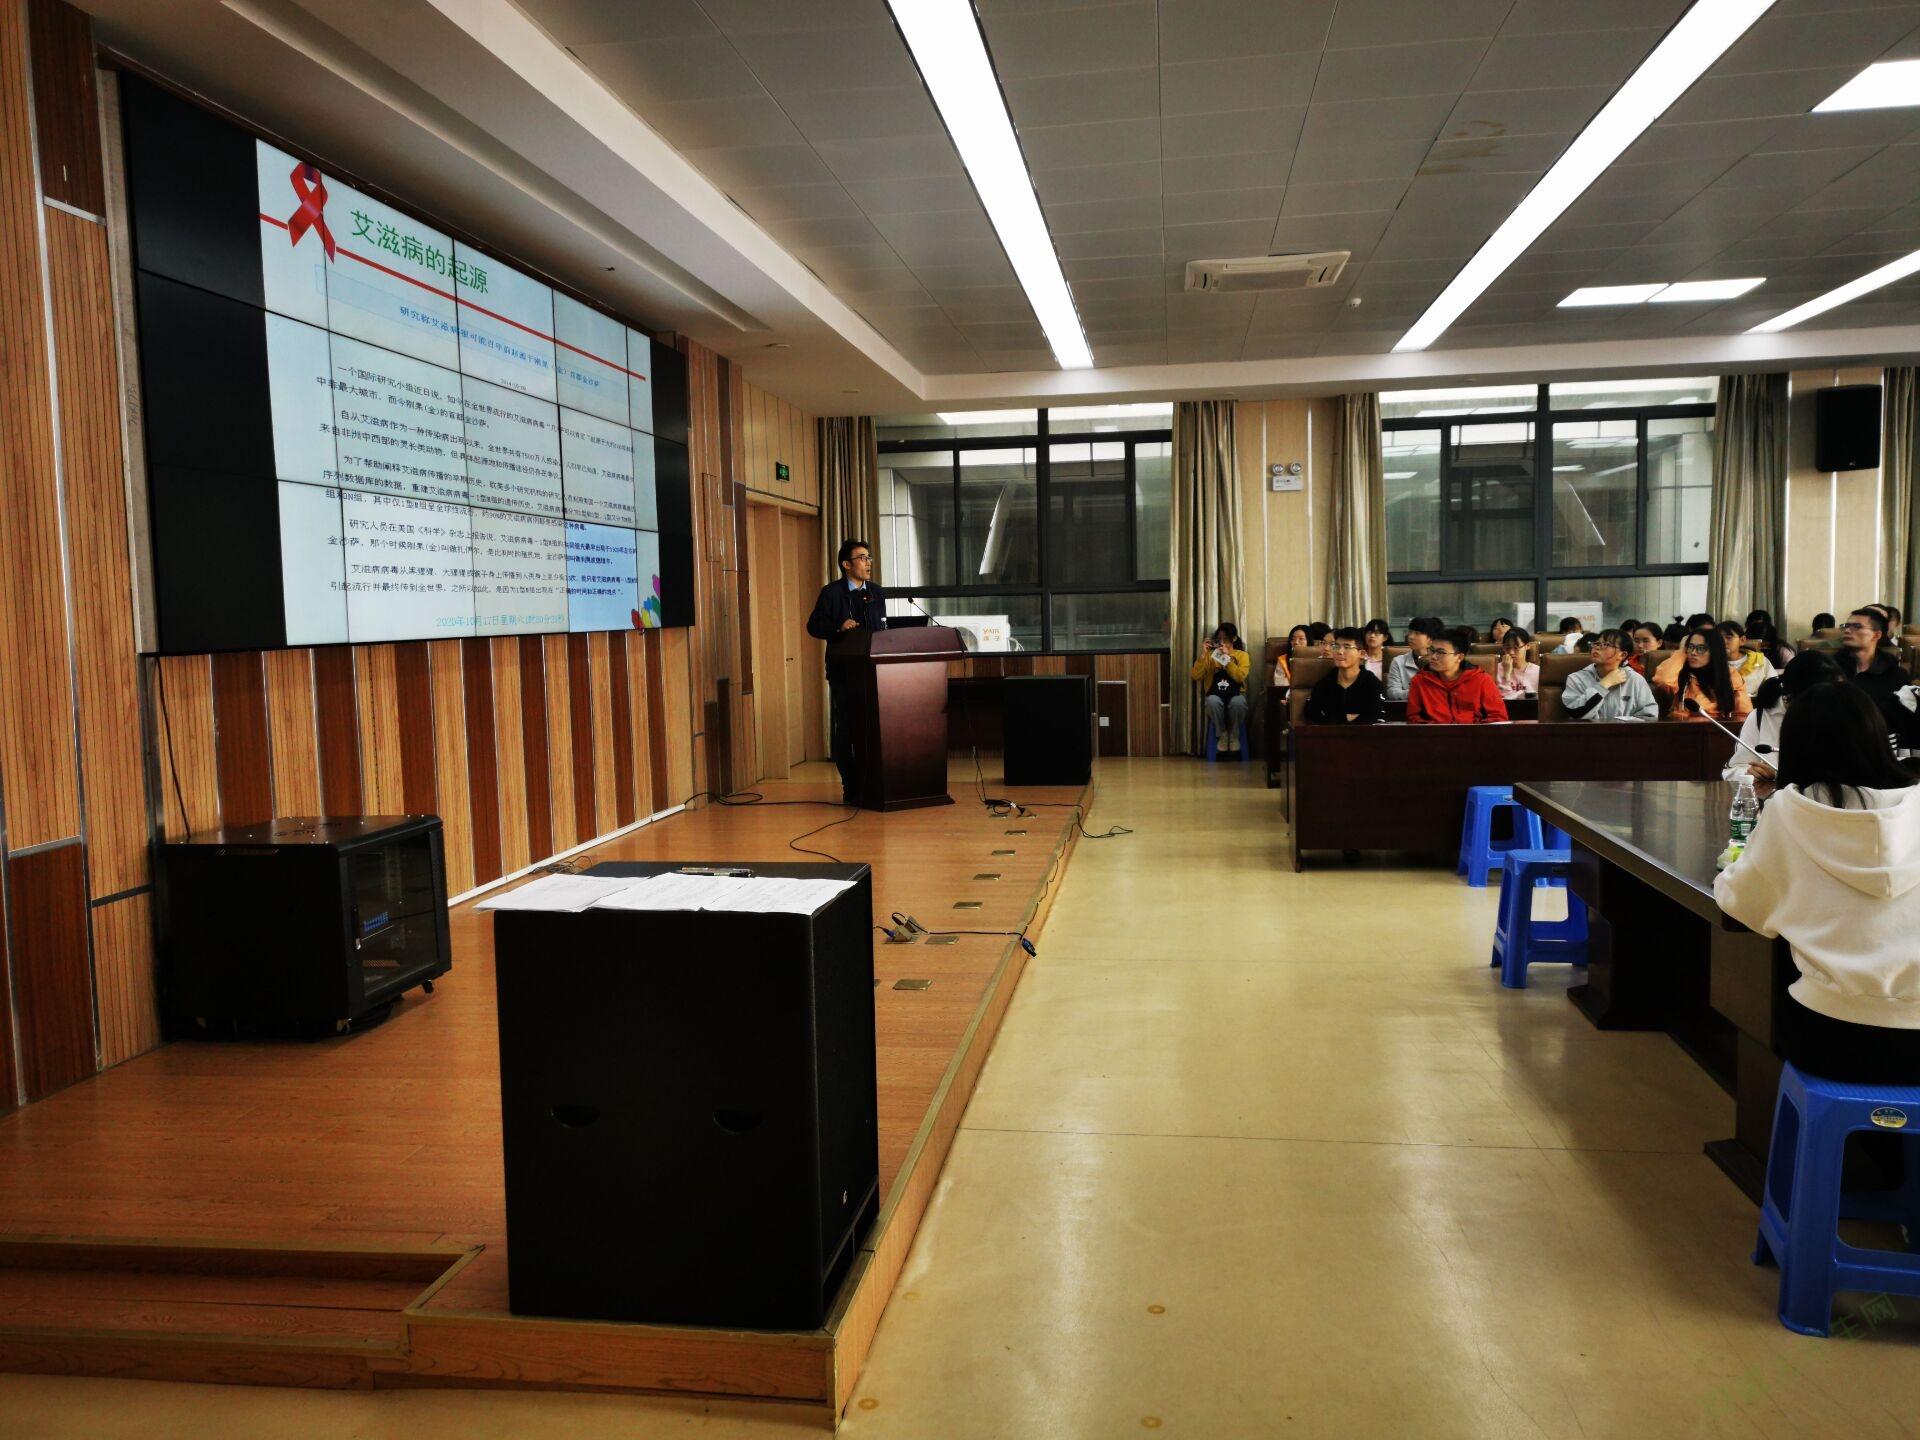 青爱志愿服务队成功开展性与生殖健康知识讲座